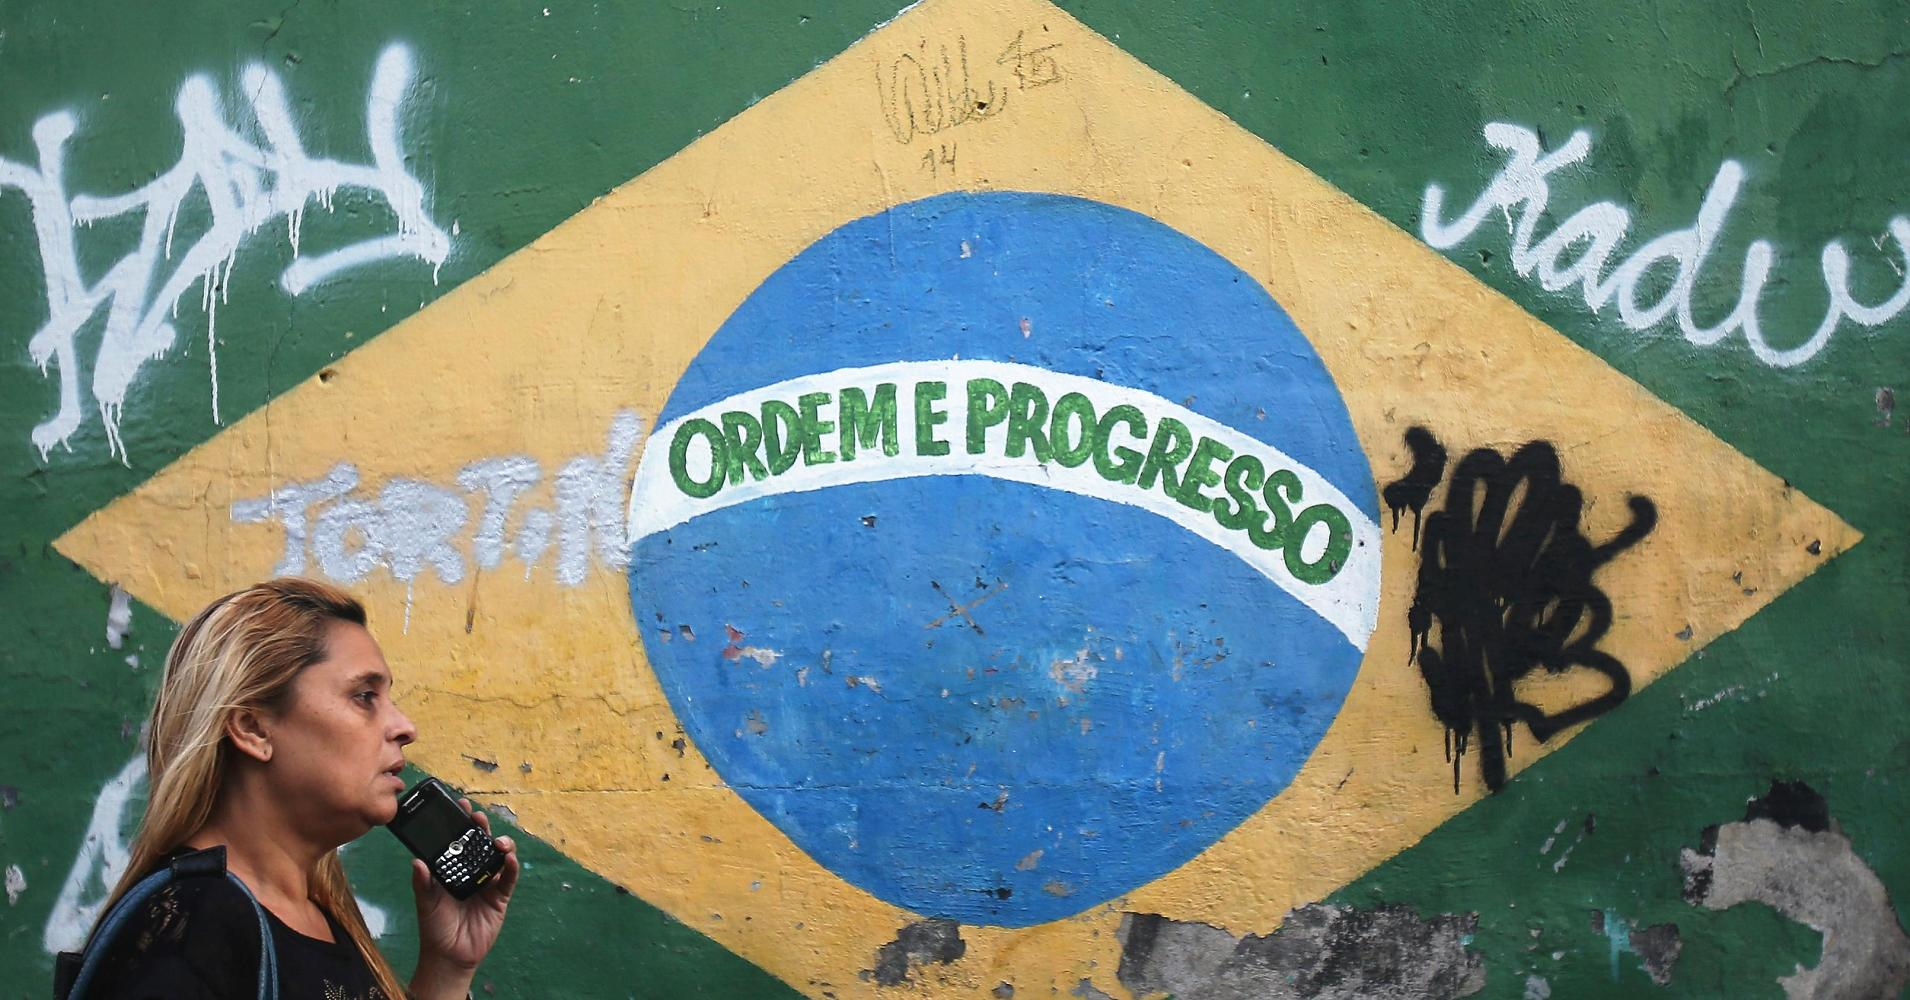 Brazil: New interim President Temer calls for trust